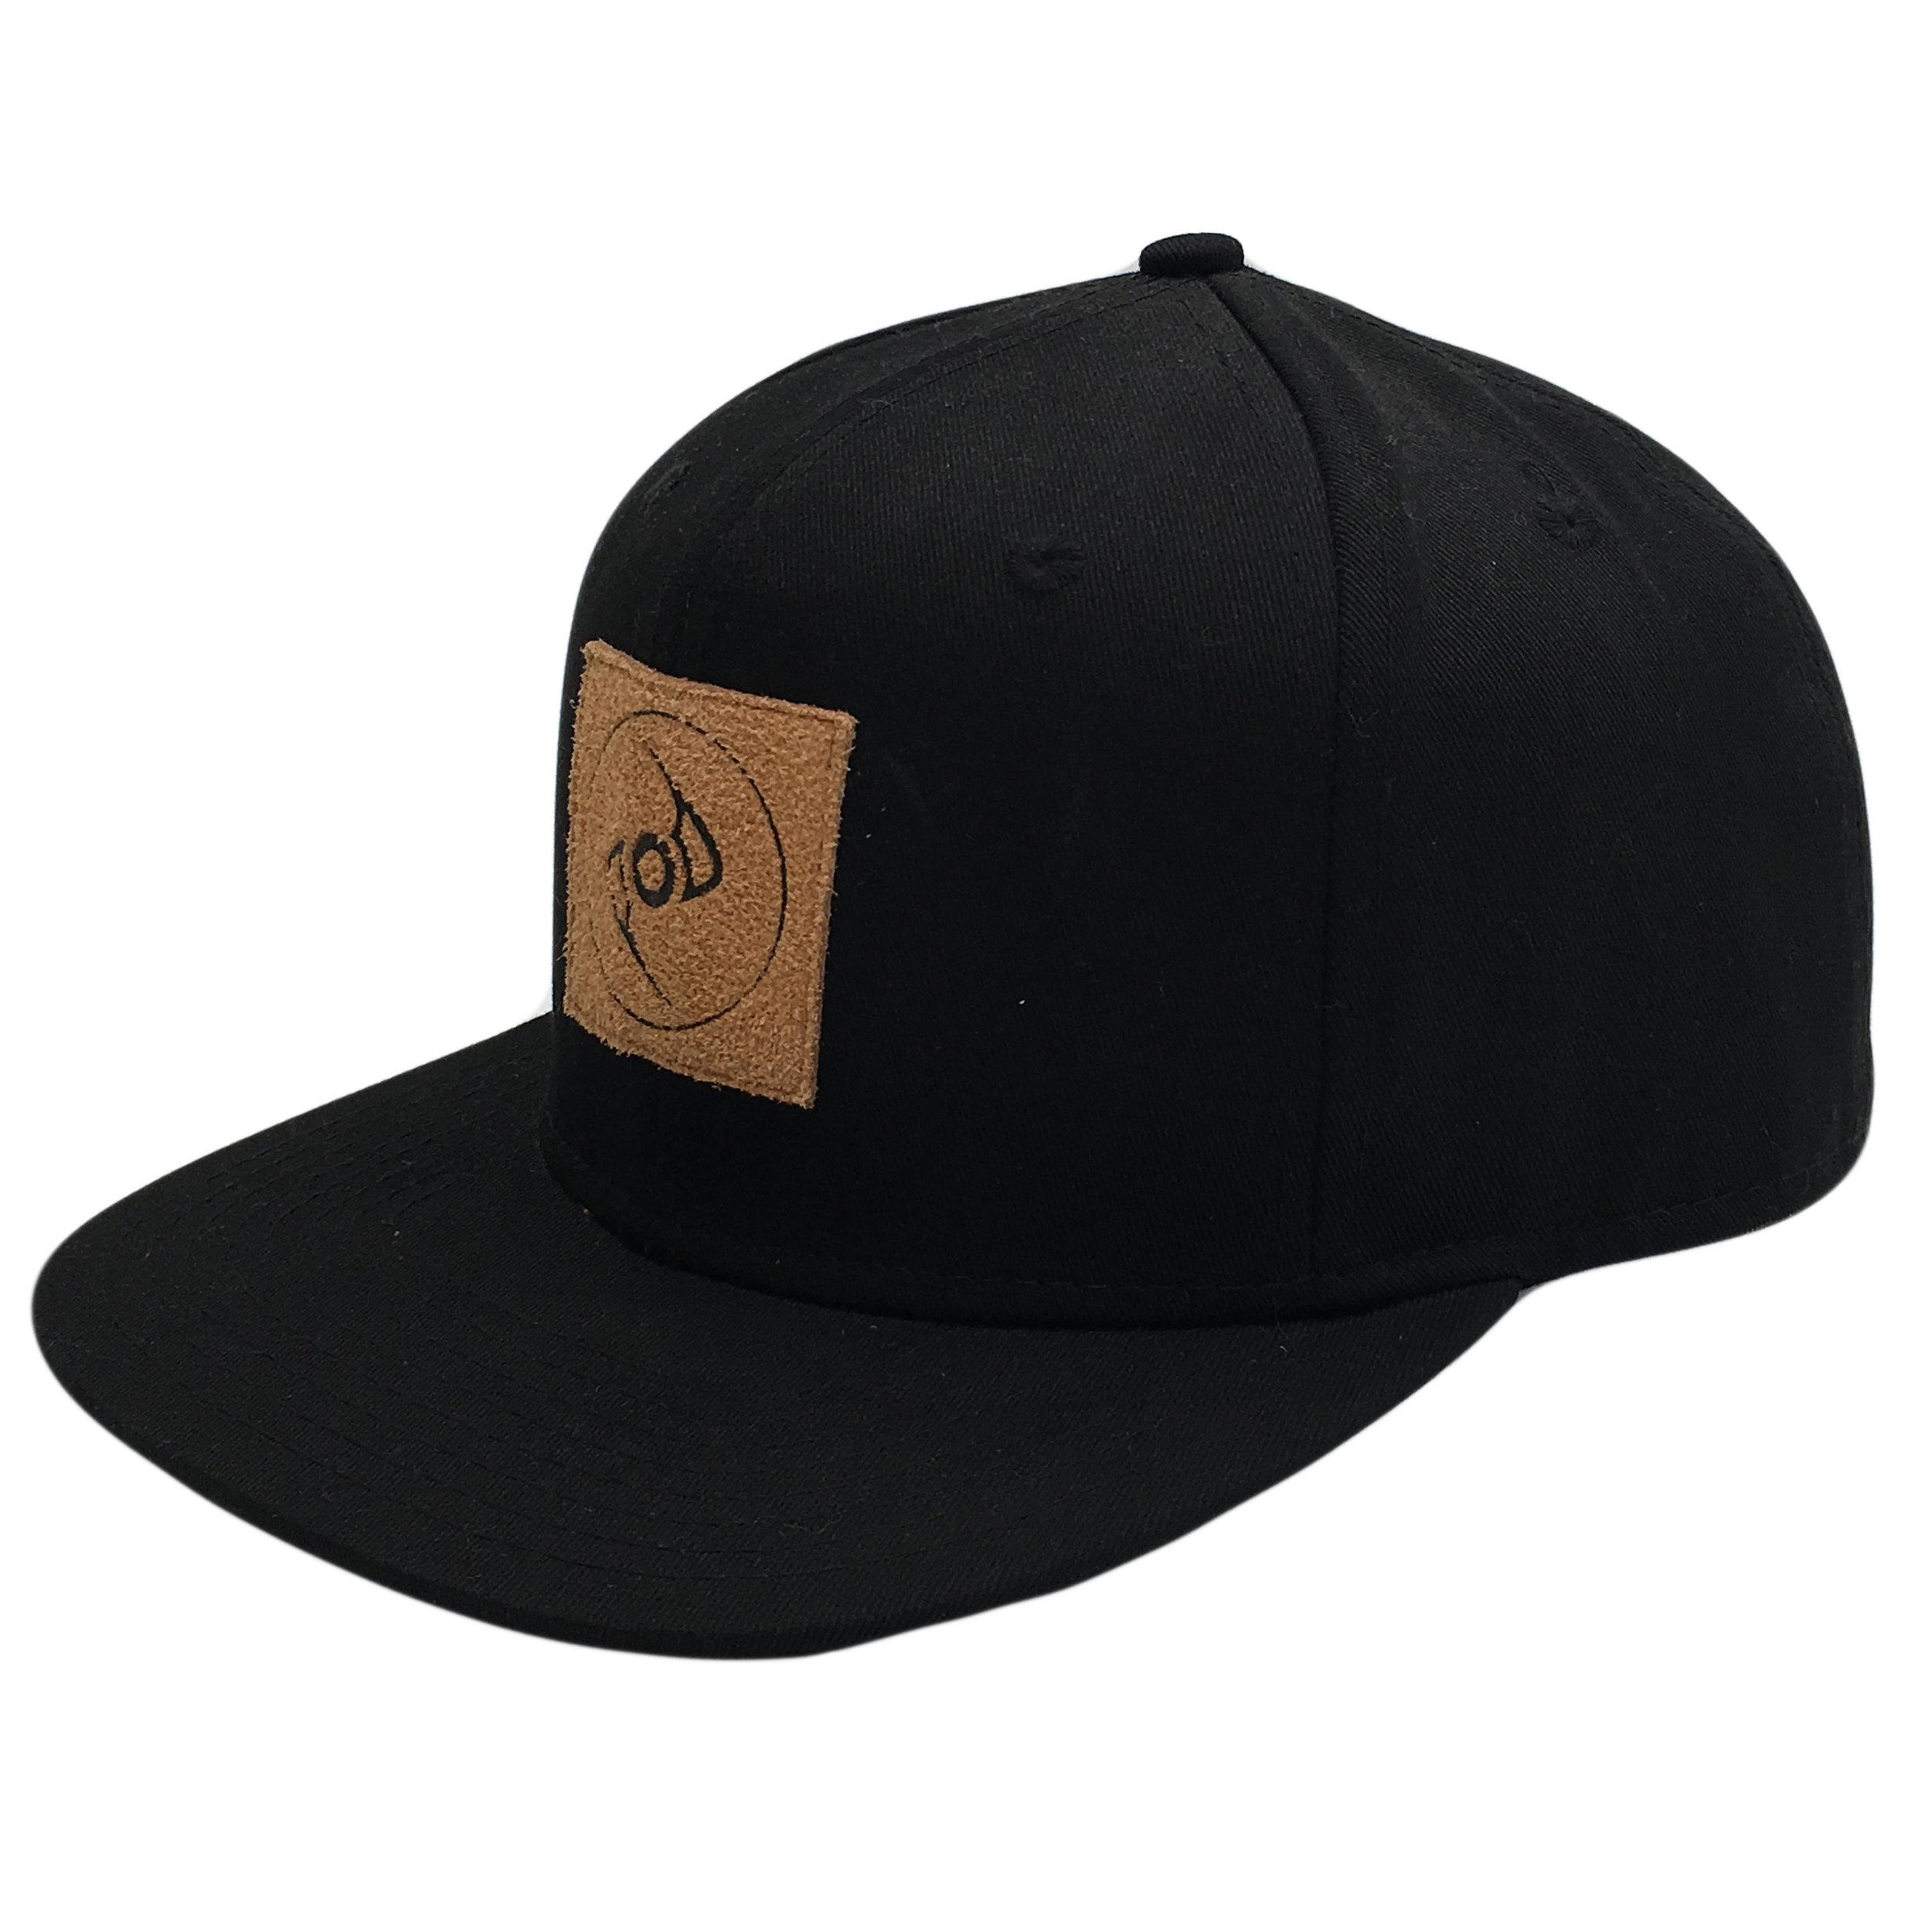 Copy of Copy of Custom Leather Logo Patch Snapback